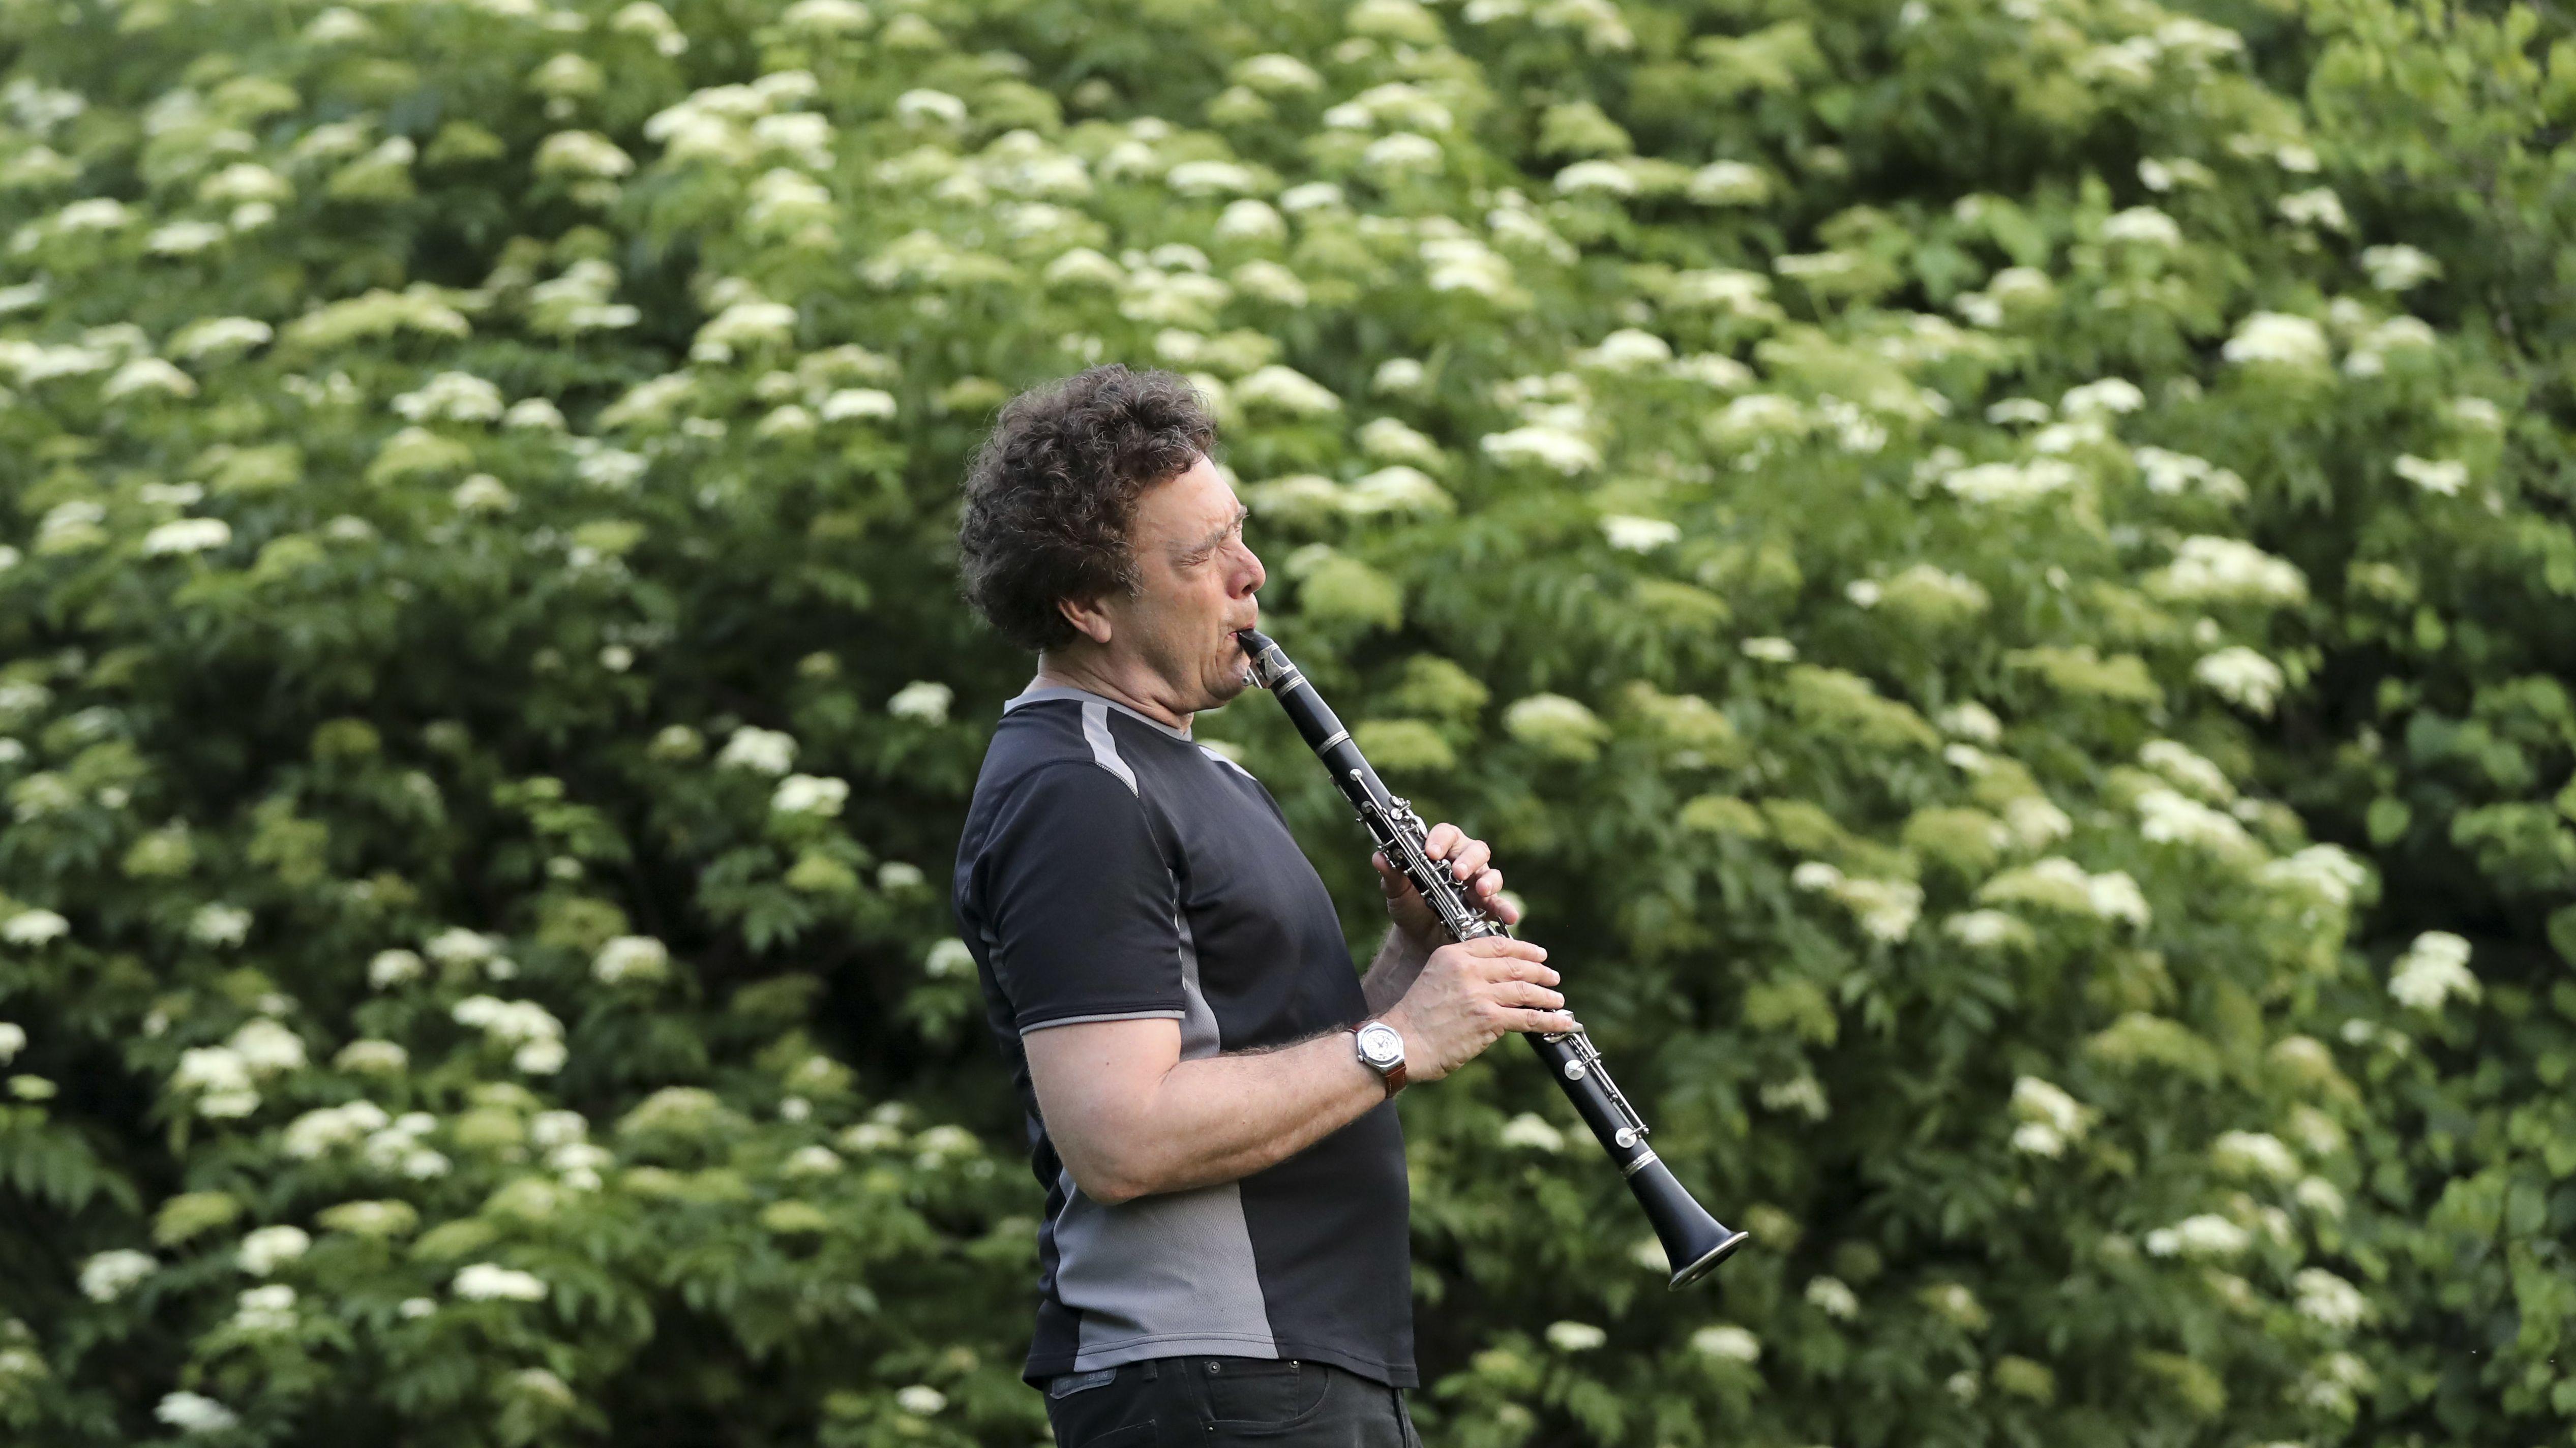 Das Bild zeigt den Jazzklarinettisten David Rothenberg bei einem Freiluftkonzert im Botanischen Garten in Brooklyn.